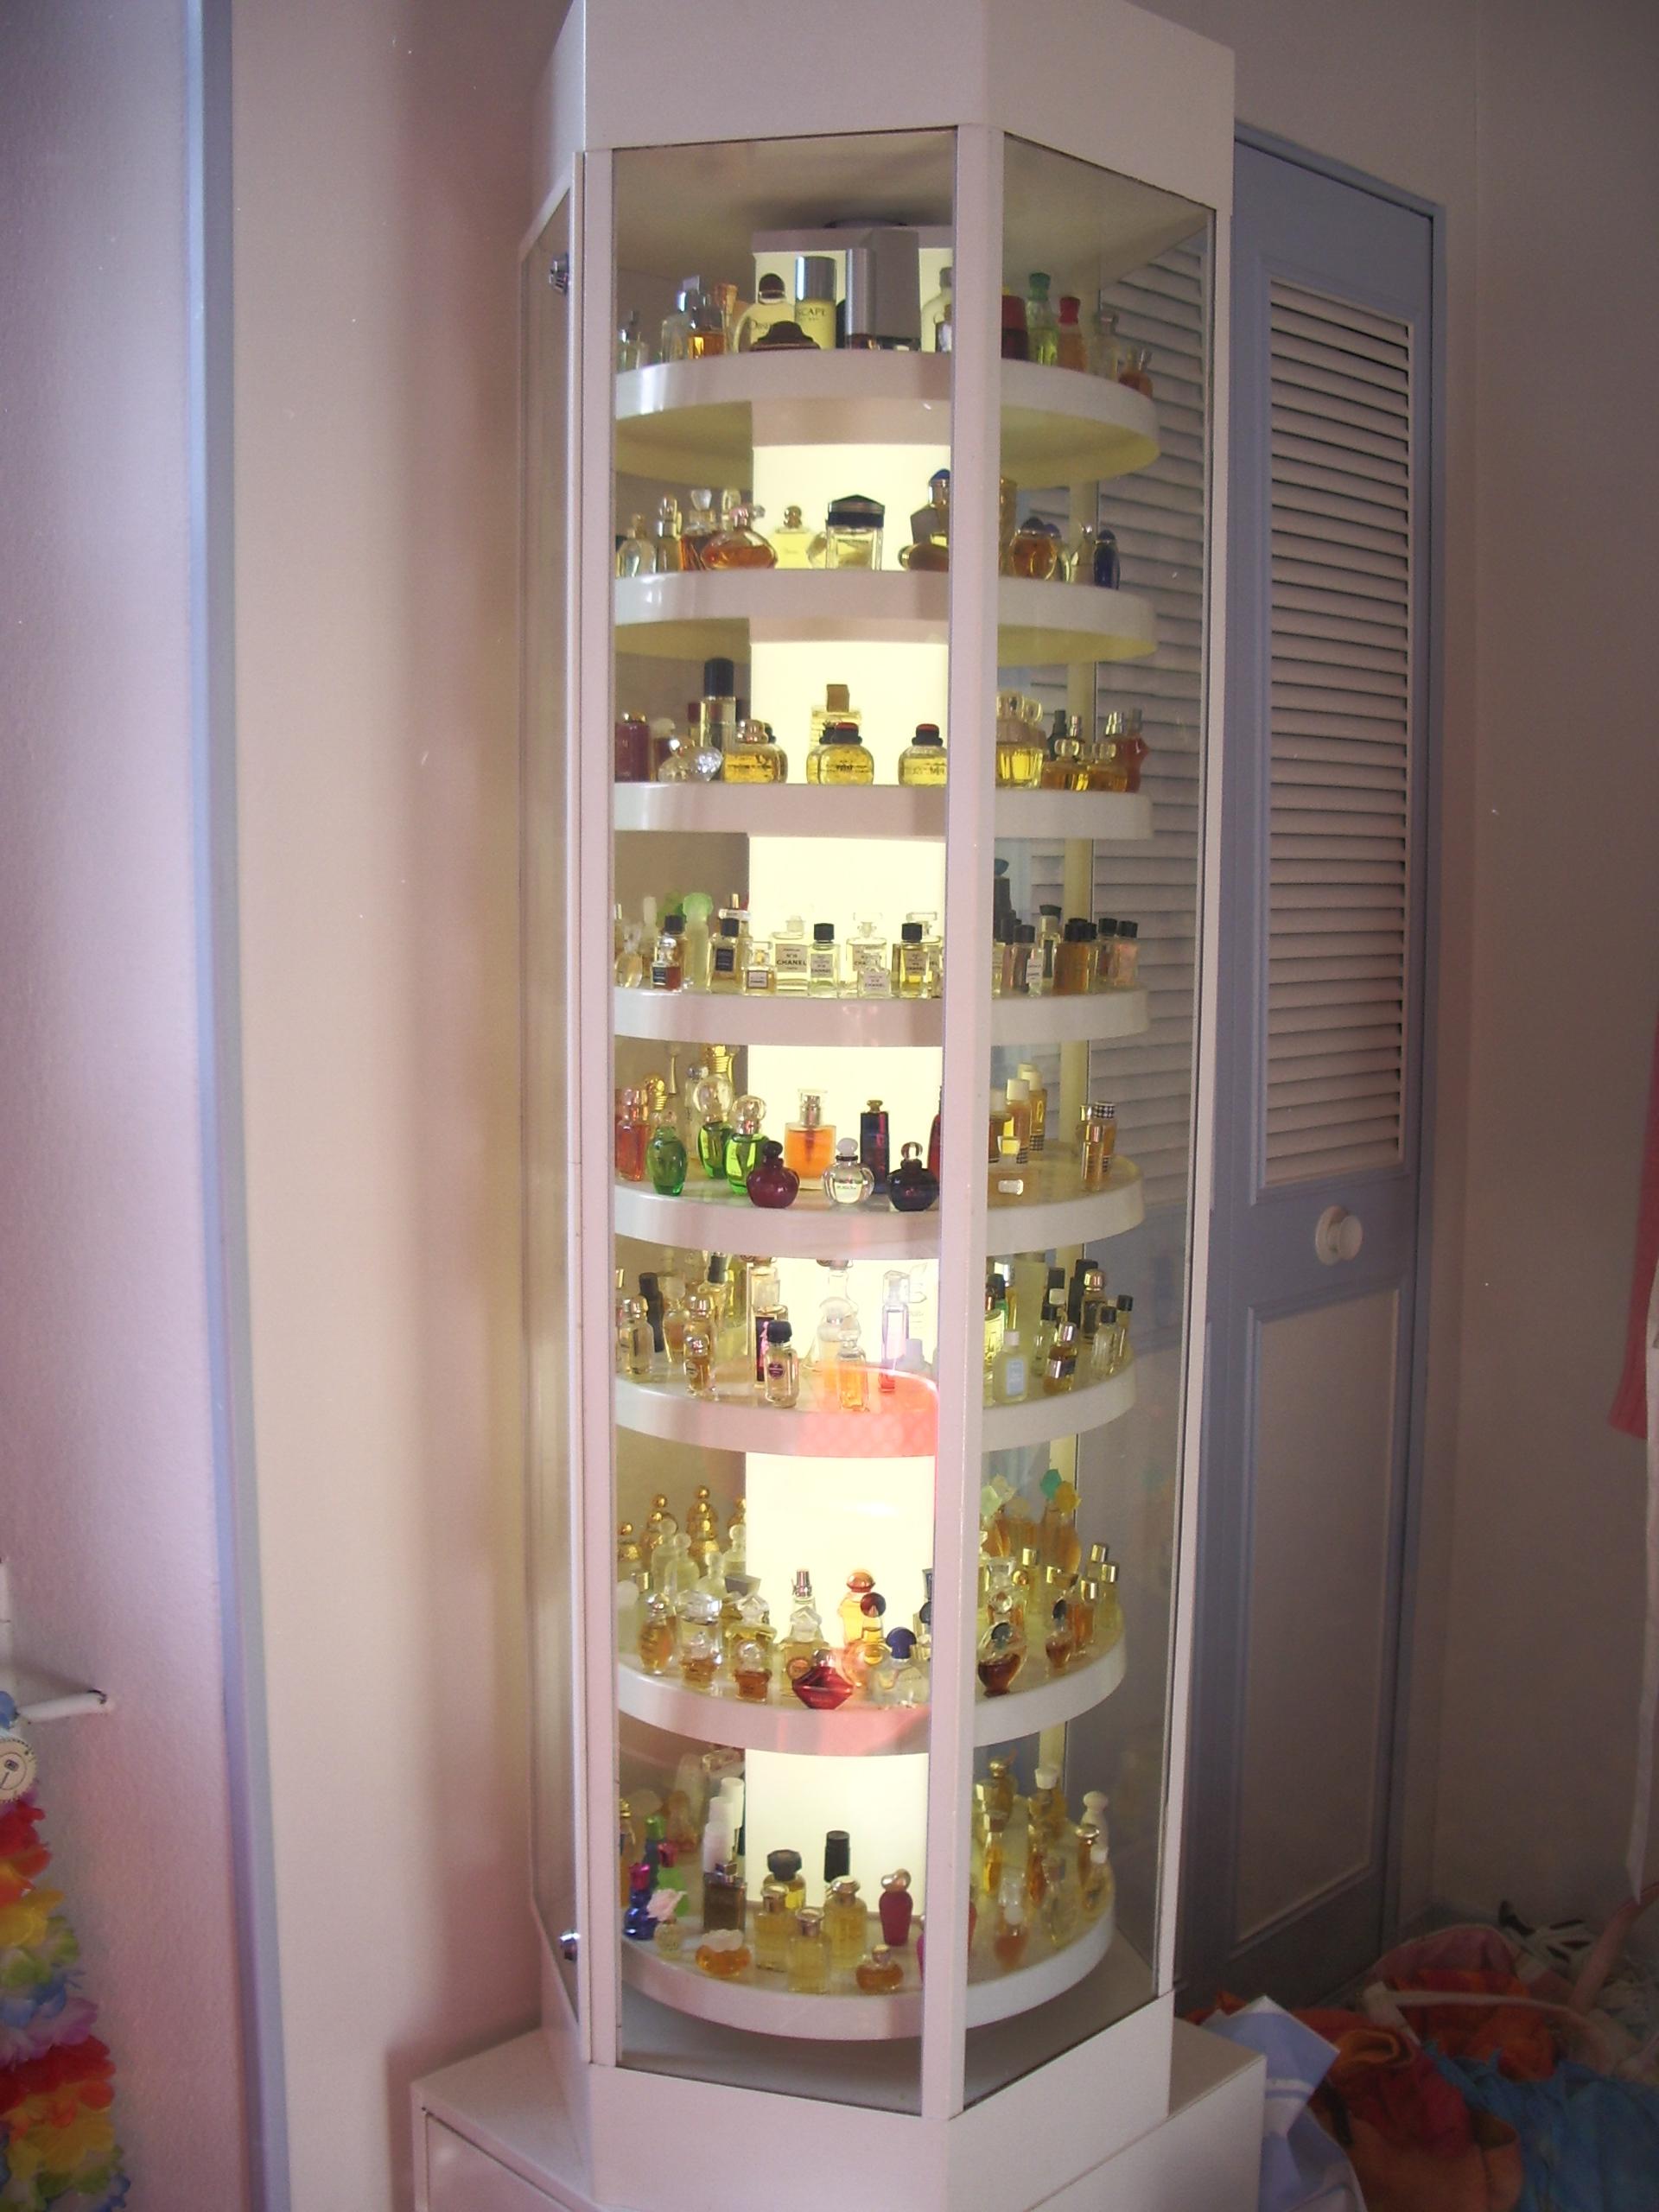 Vendre Miniature Parfum Miniature Collection Vendre Parfum Collection Vendre Collection Miniature qSUVzMp